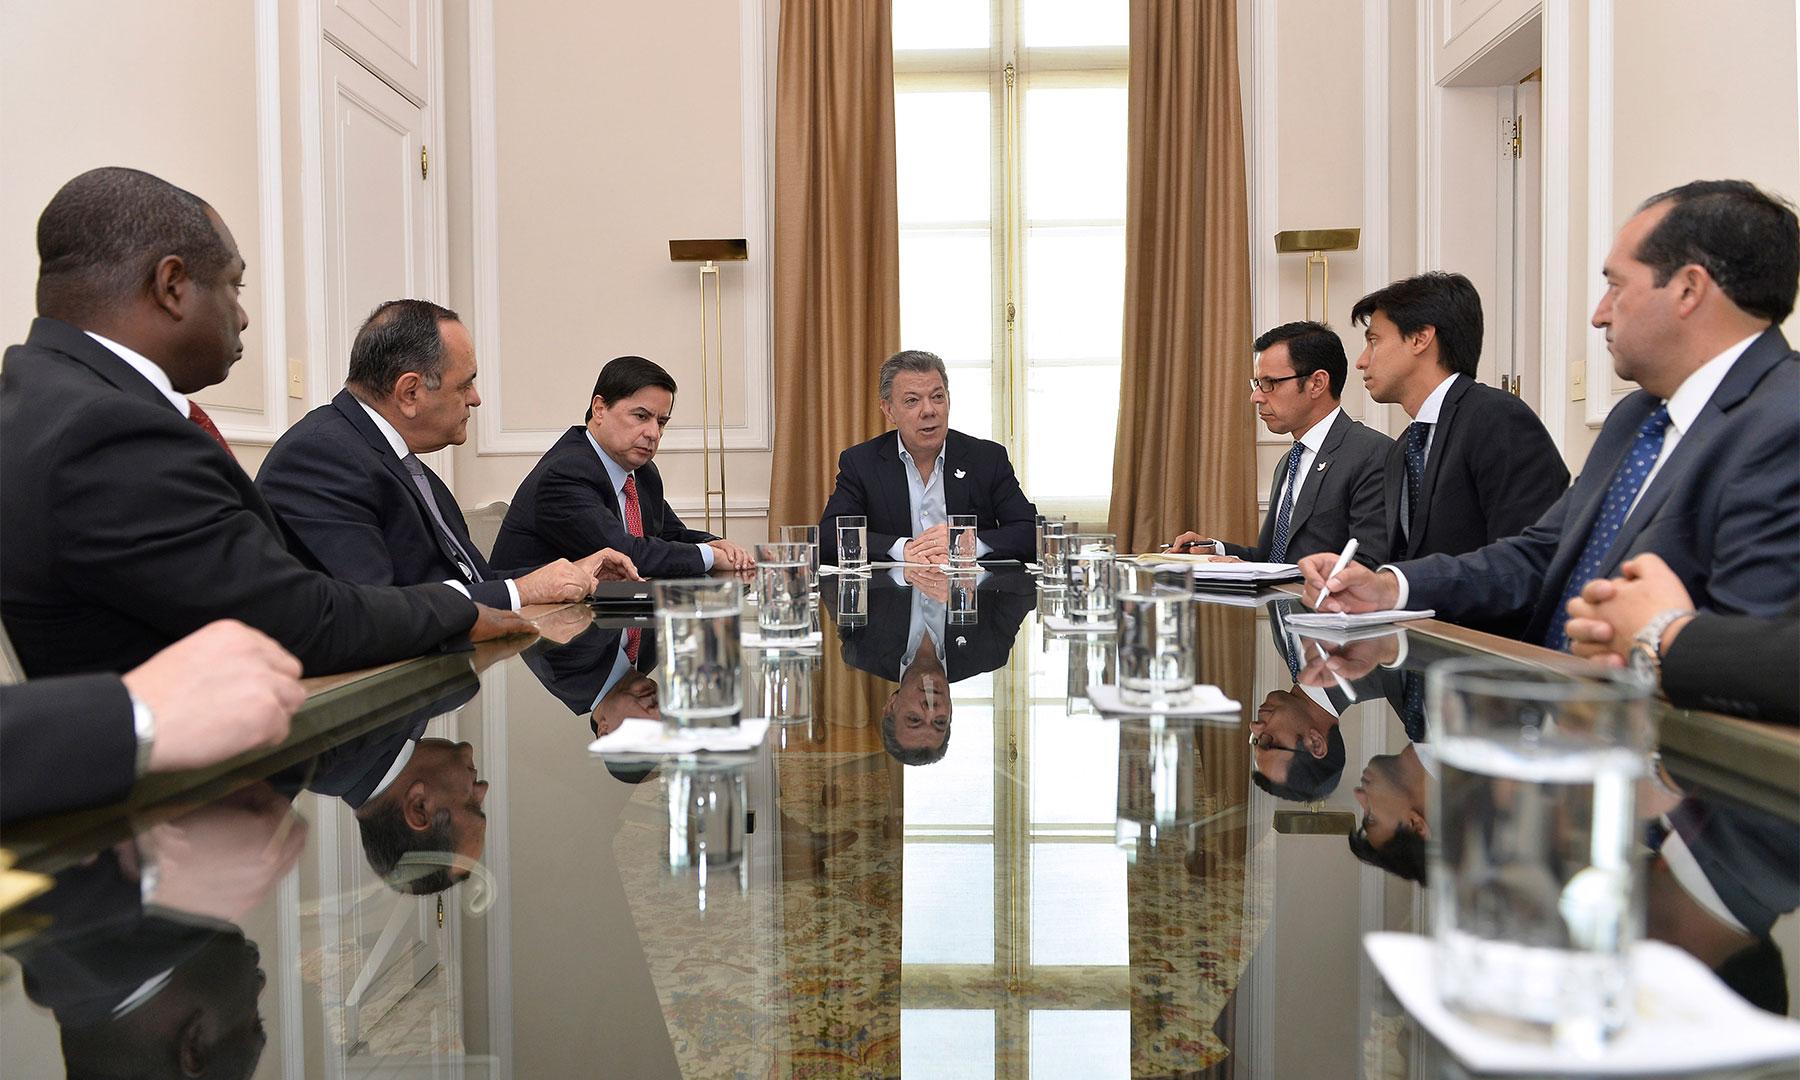 El Presidente Santos escuchó a representantes de los movimientos cristianos y de la Asociación de Ministros del Evangelio, dentro del diálogo nacional que convocó para sacar adelante los acuerdos de paz.